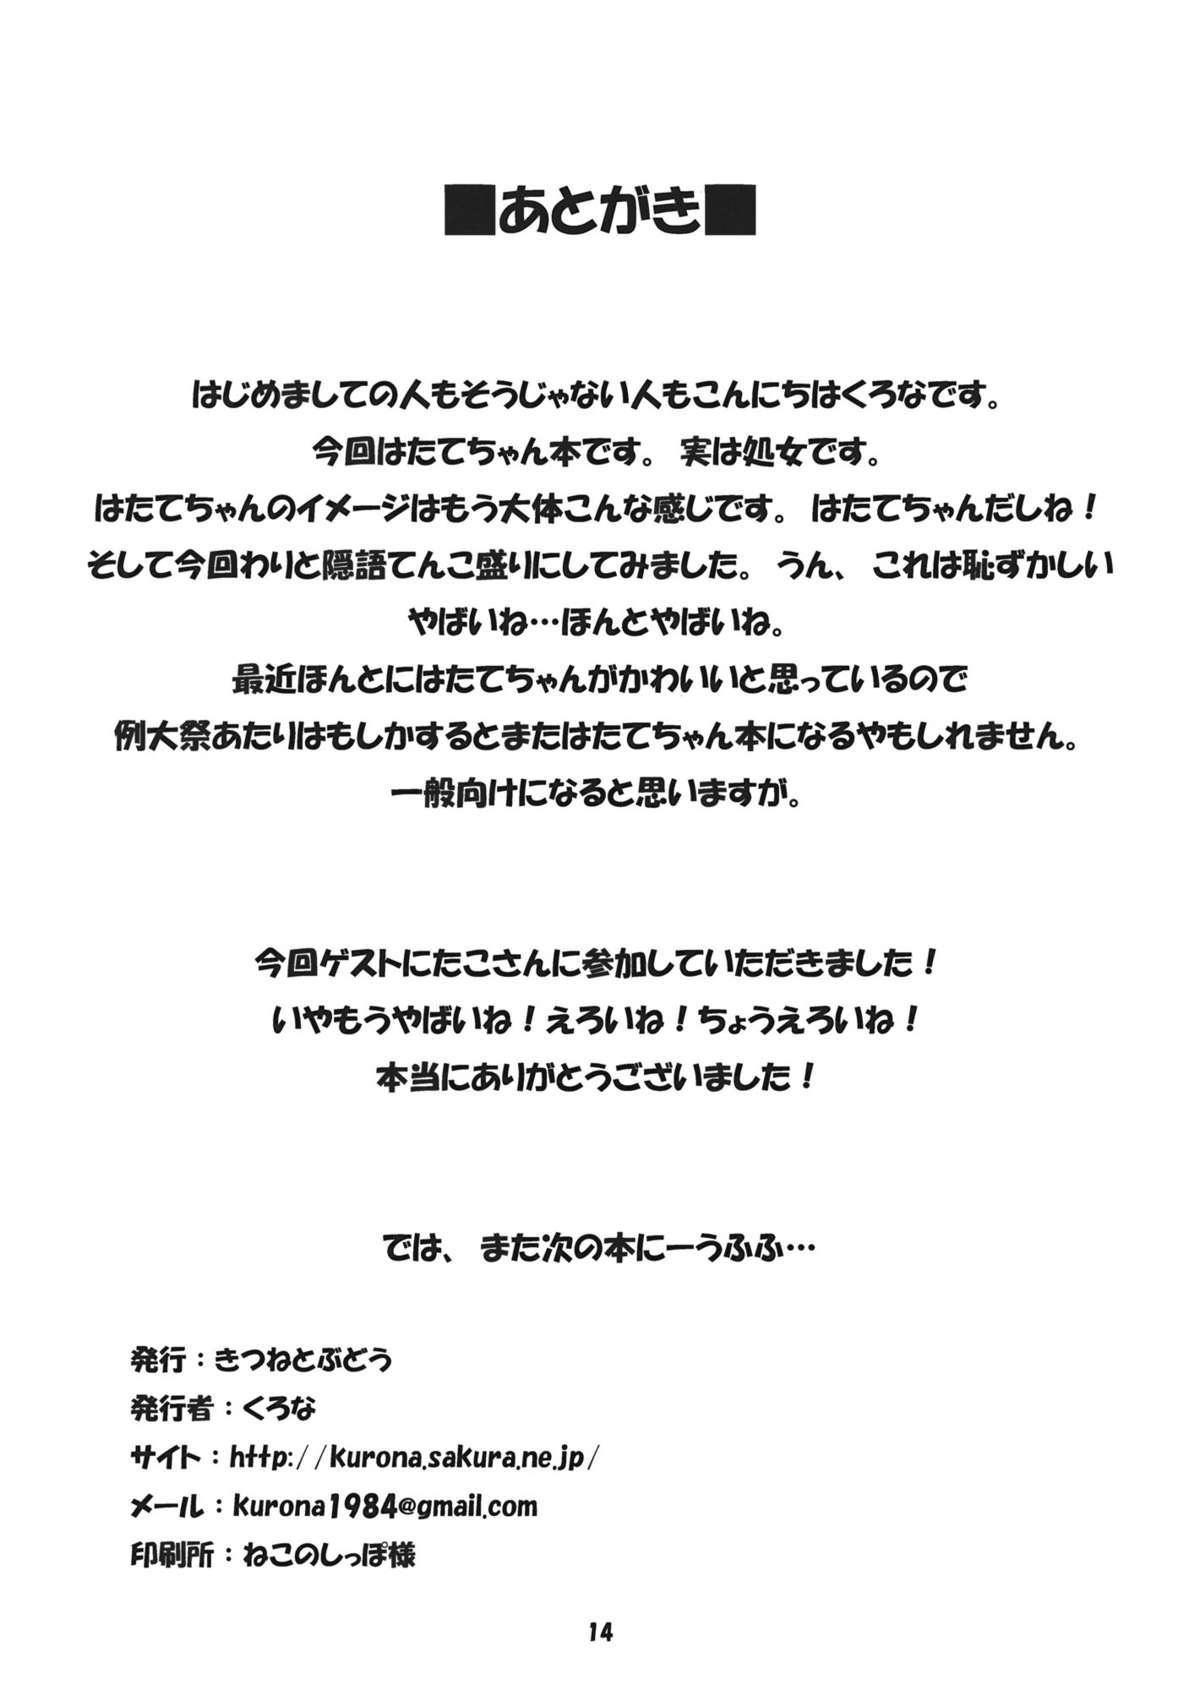 (Kouroumu 6) [Kitsune to Budou (Kurona)] Hatate-chan no Micchaku (Hatsu) Shuzai (Touhou Project) 12